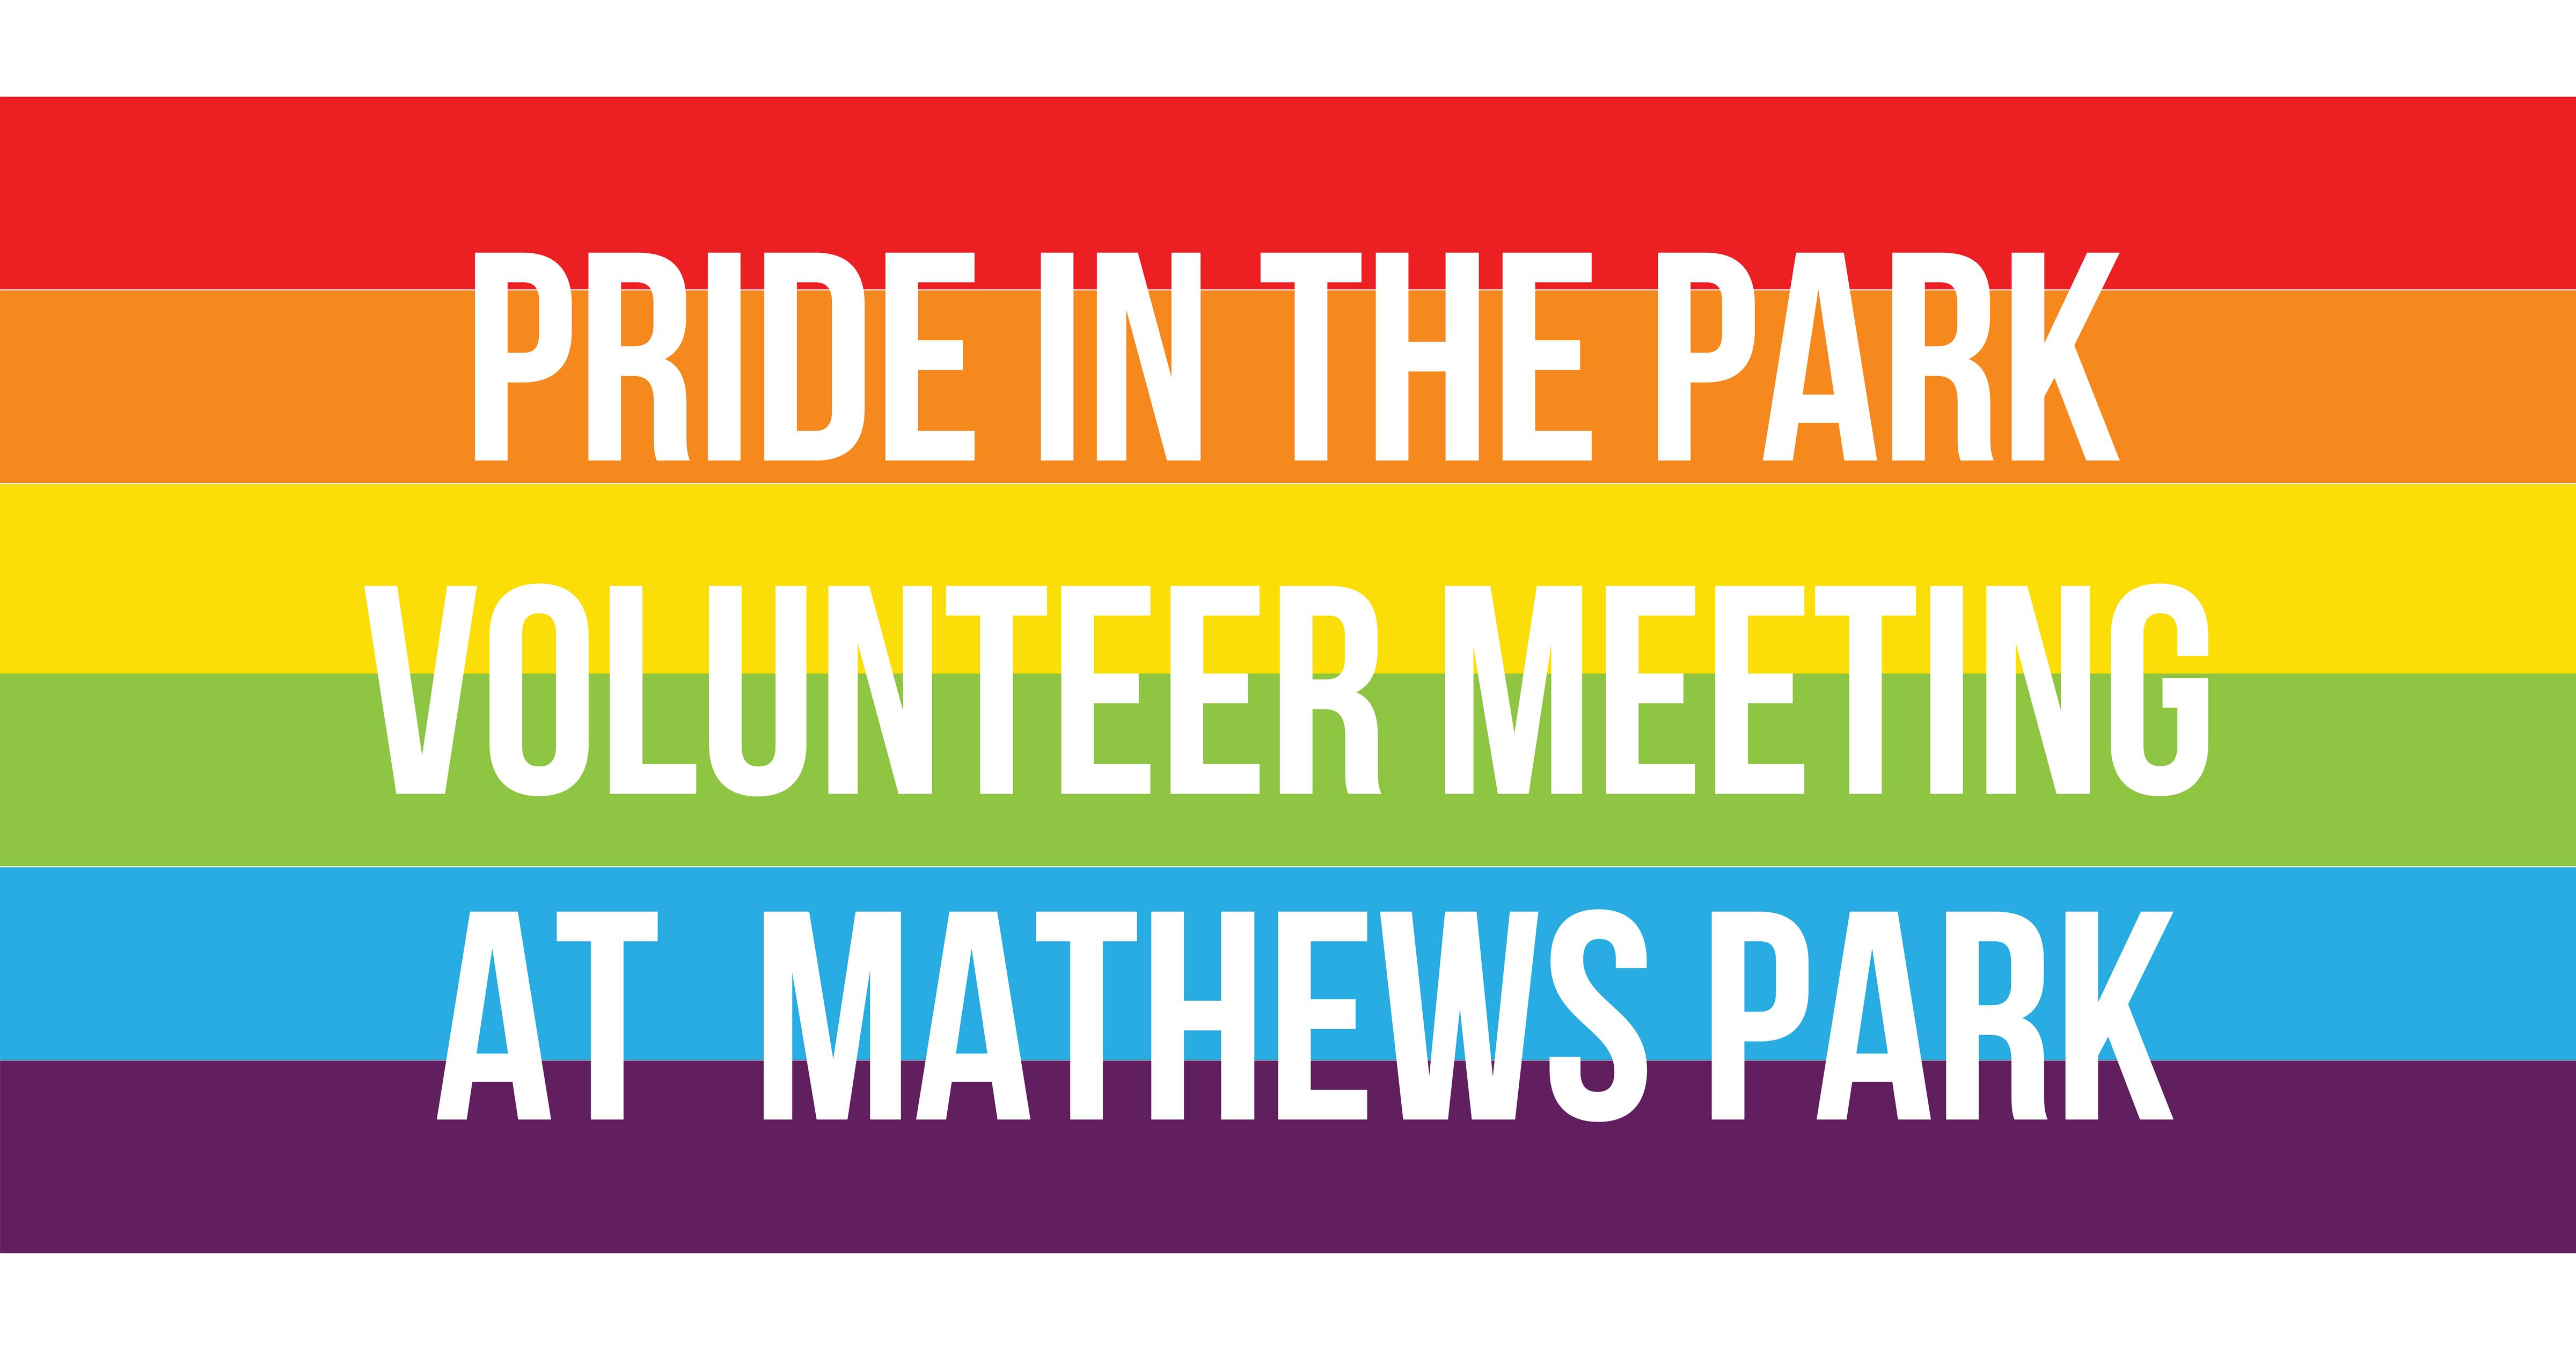 Volunteer Meeting at Mathews Park